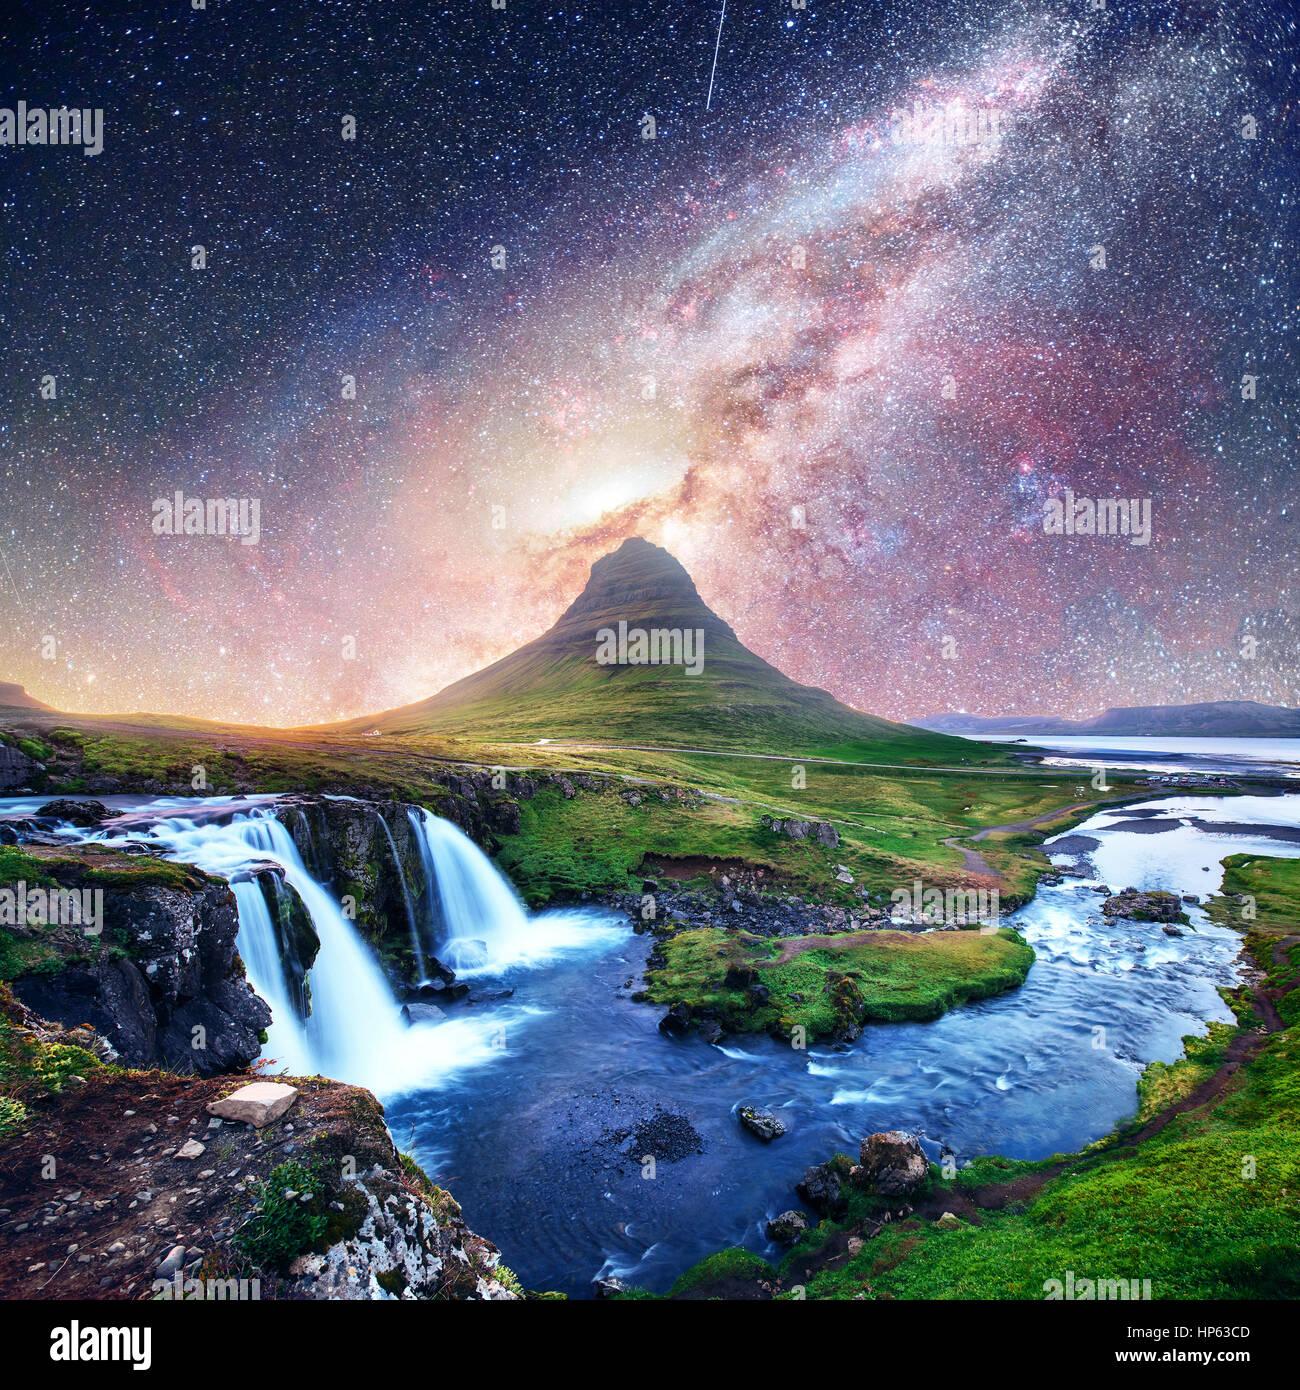 Fantastischen Sternenhimmel über Landschaften und Wasserfälle. Kirkjufell Berg, Island mit freundlicher Stockbild